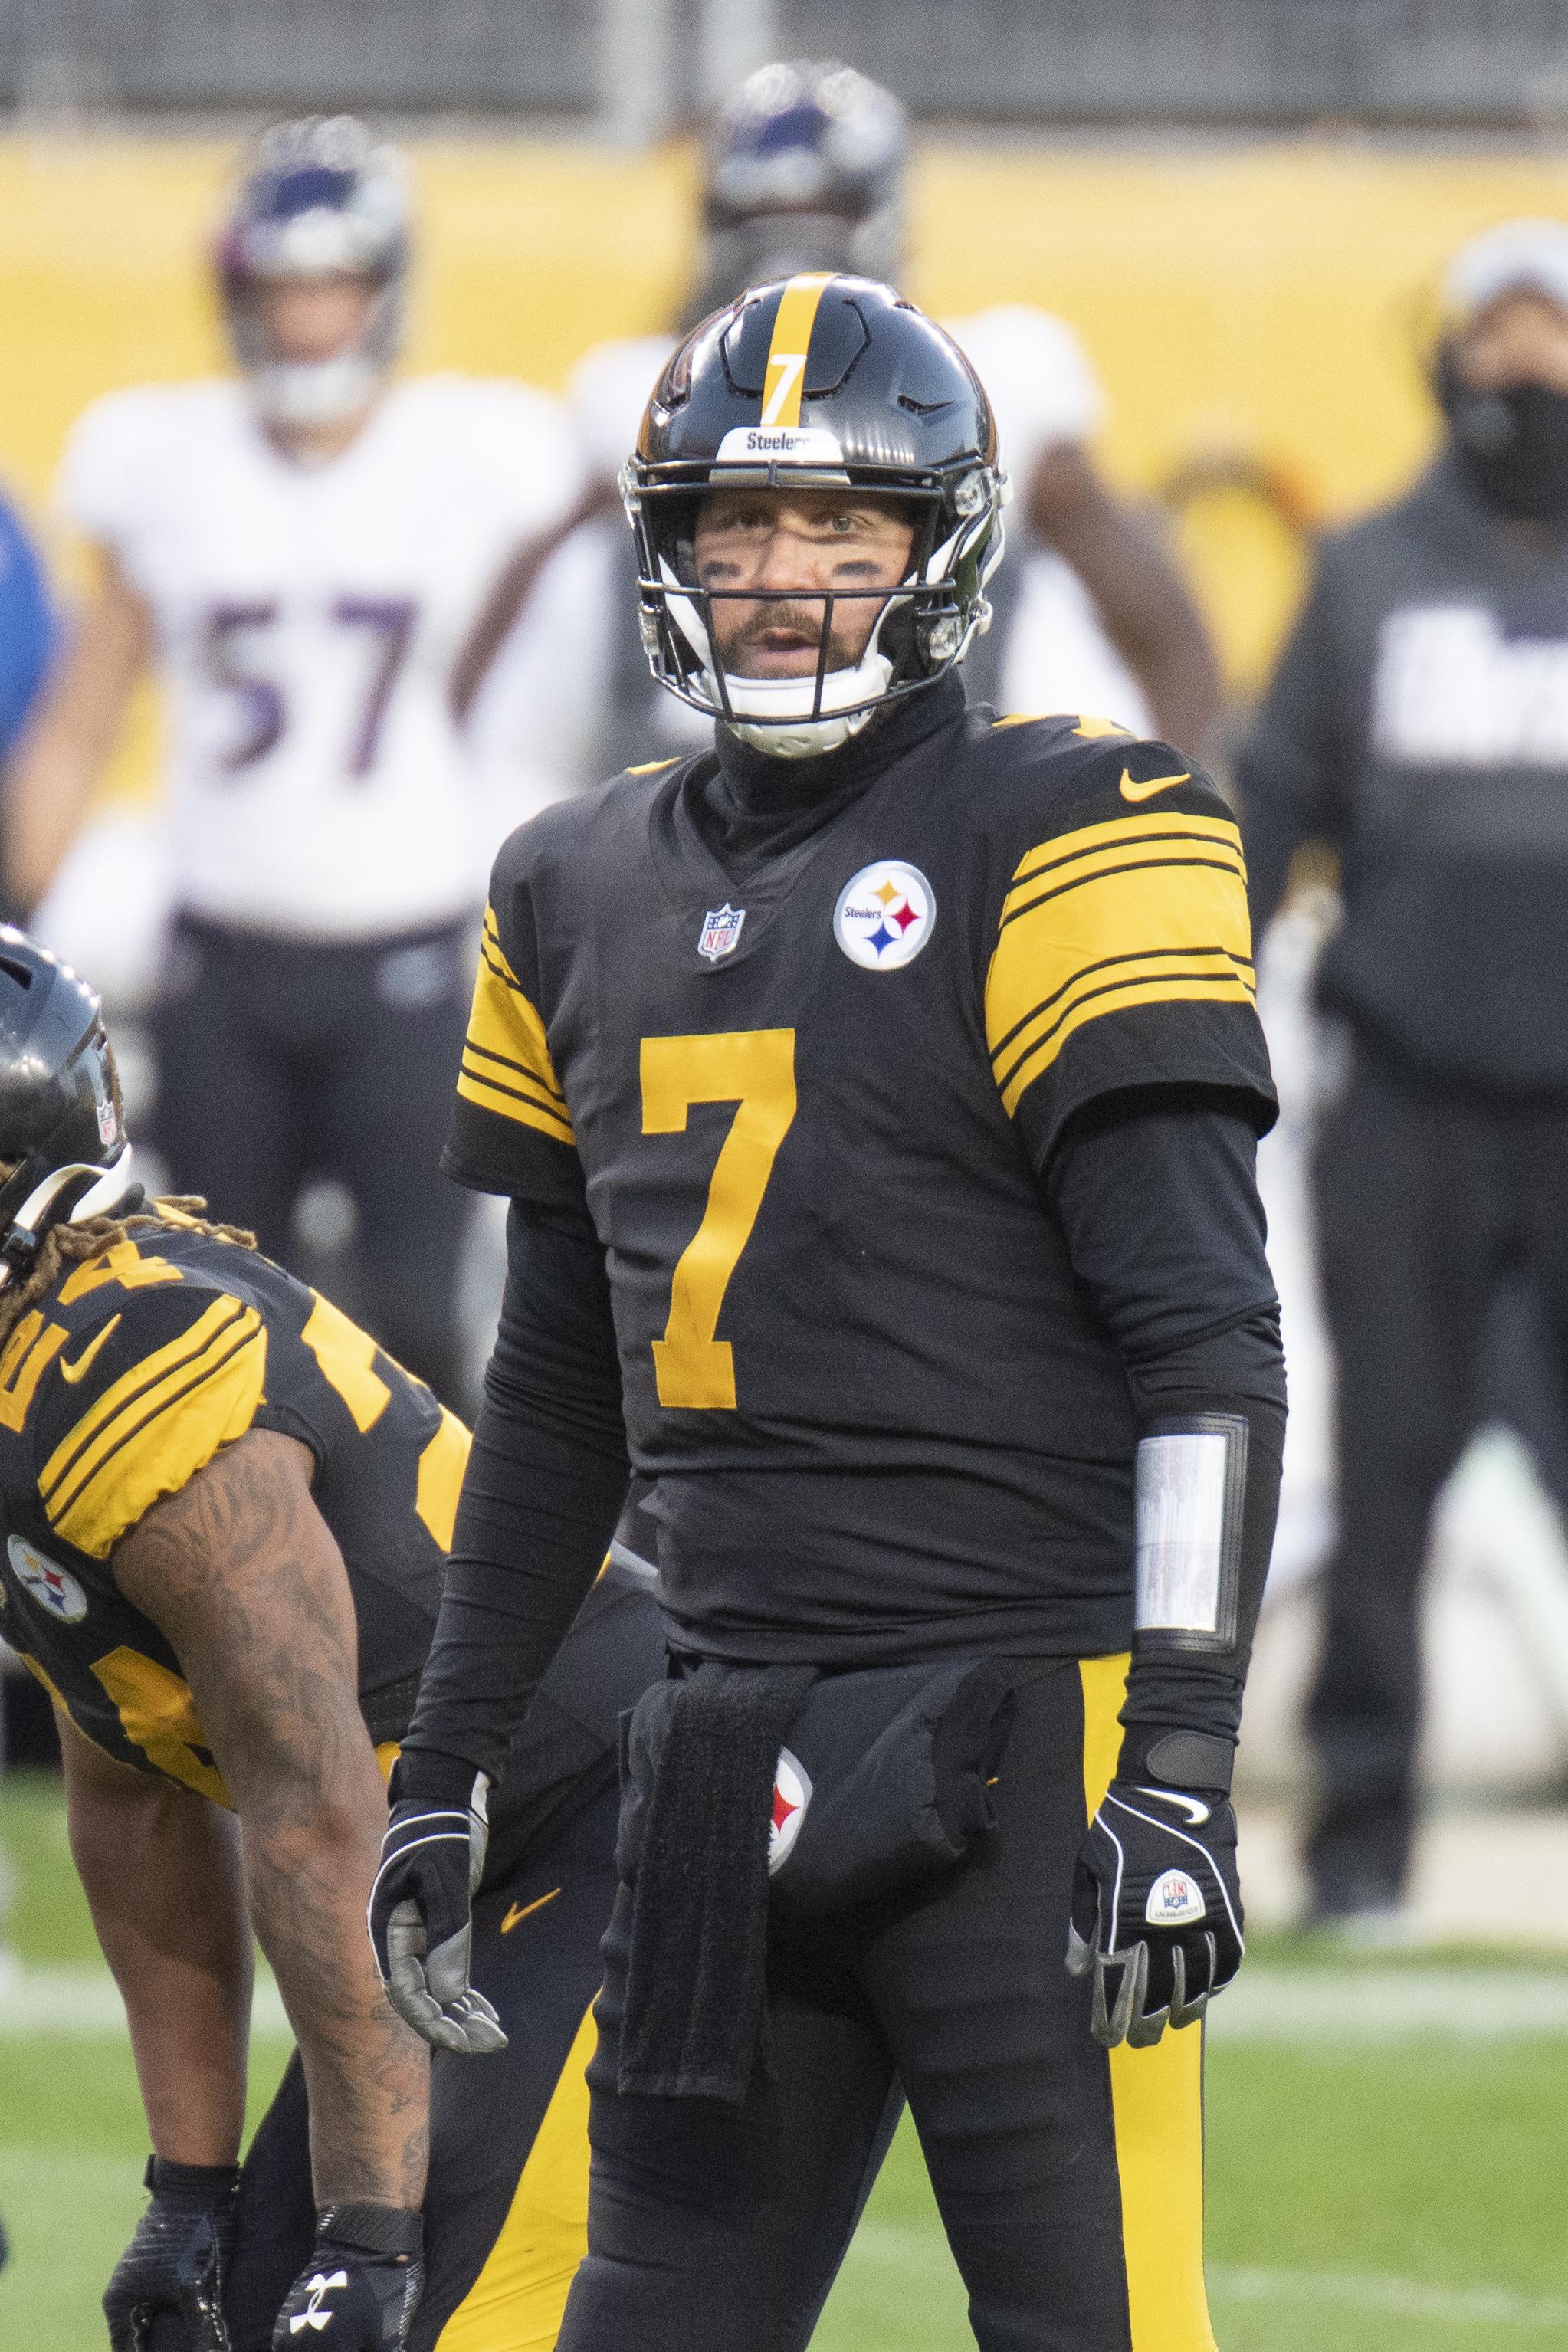 NFL: DEC 02 Ravens at Steelers